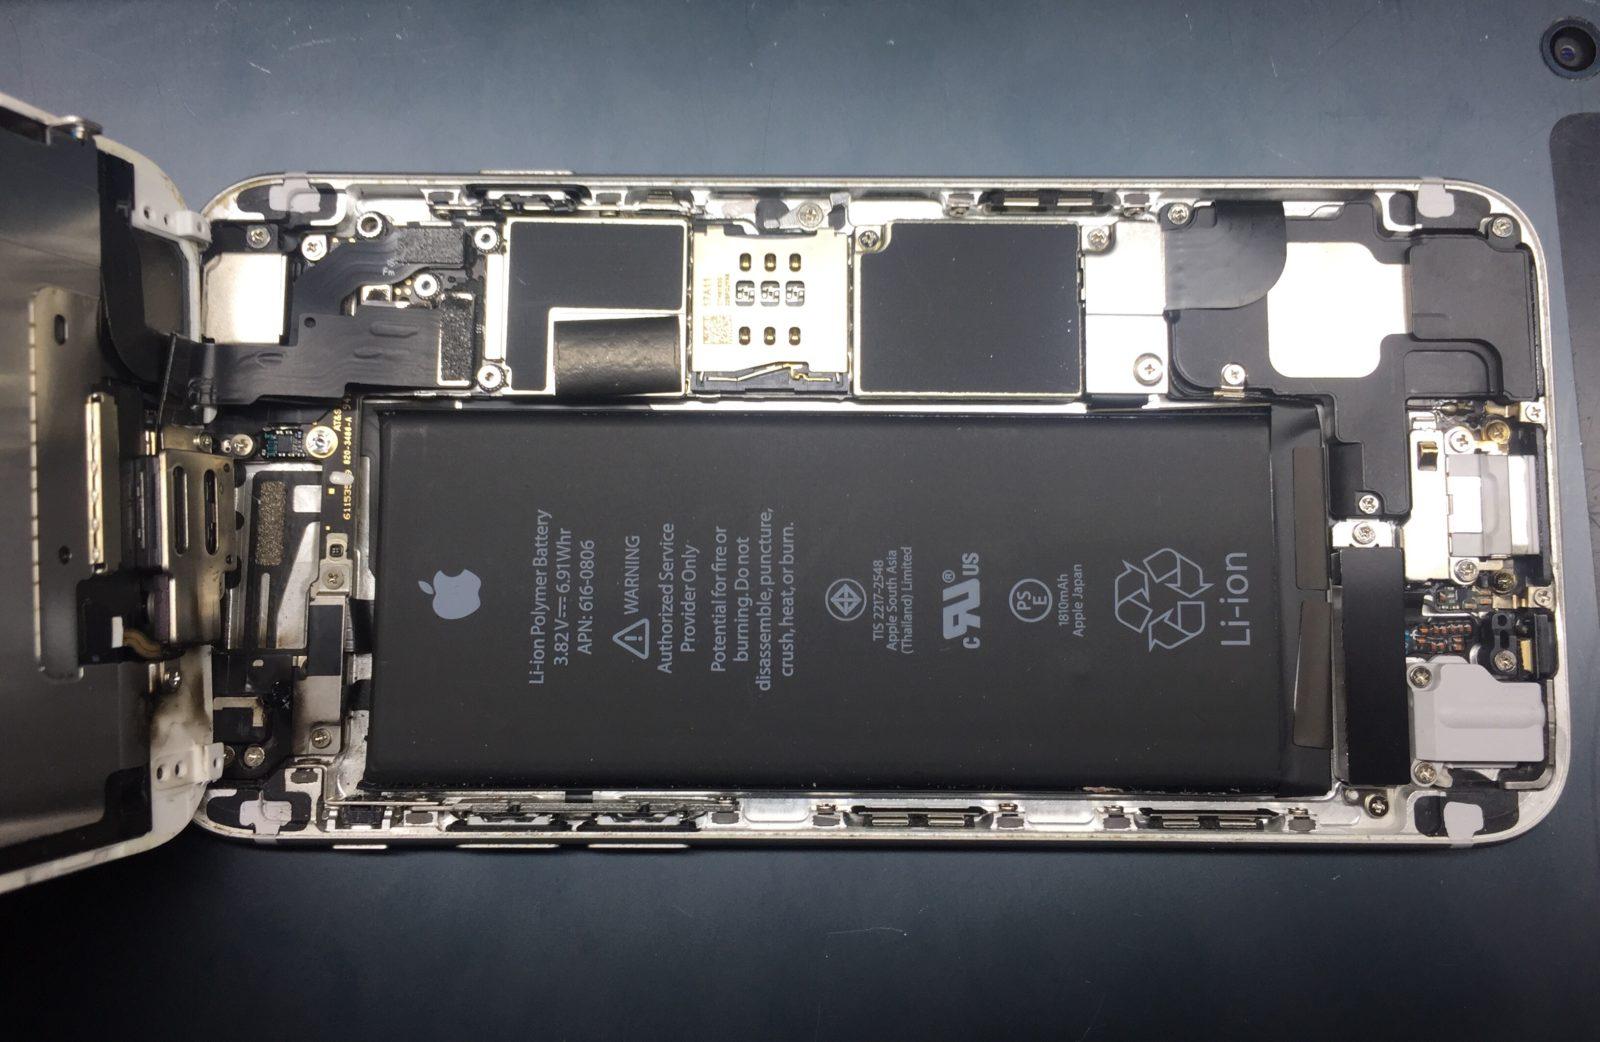 Айфон и микроволновка. Эксперименты, которые заканчиваются новым iPhone